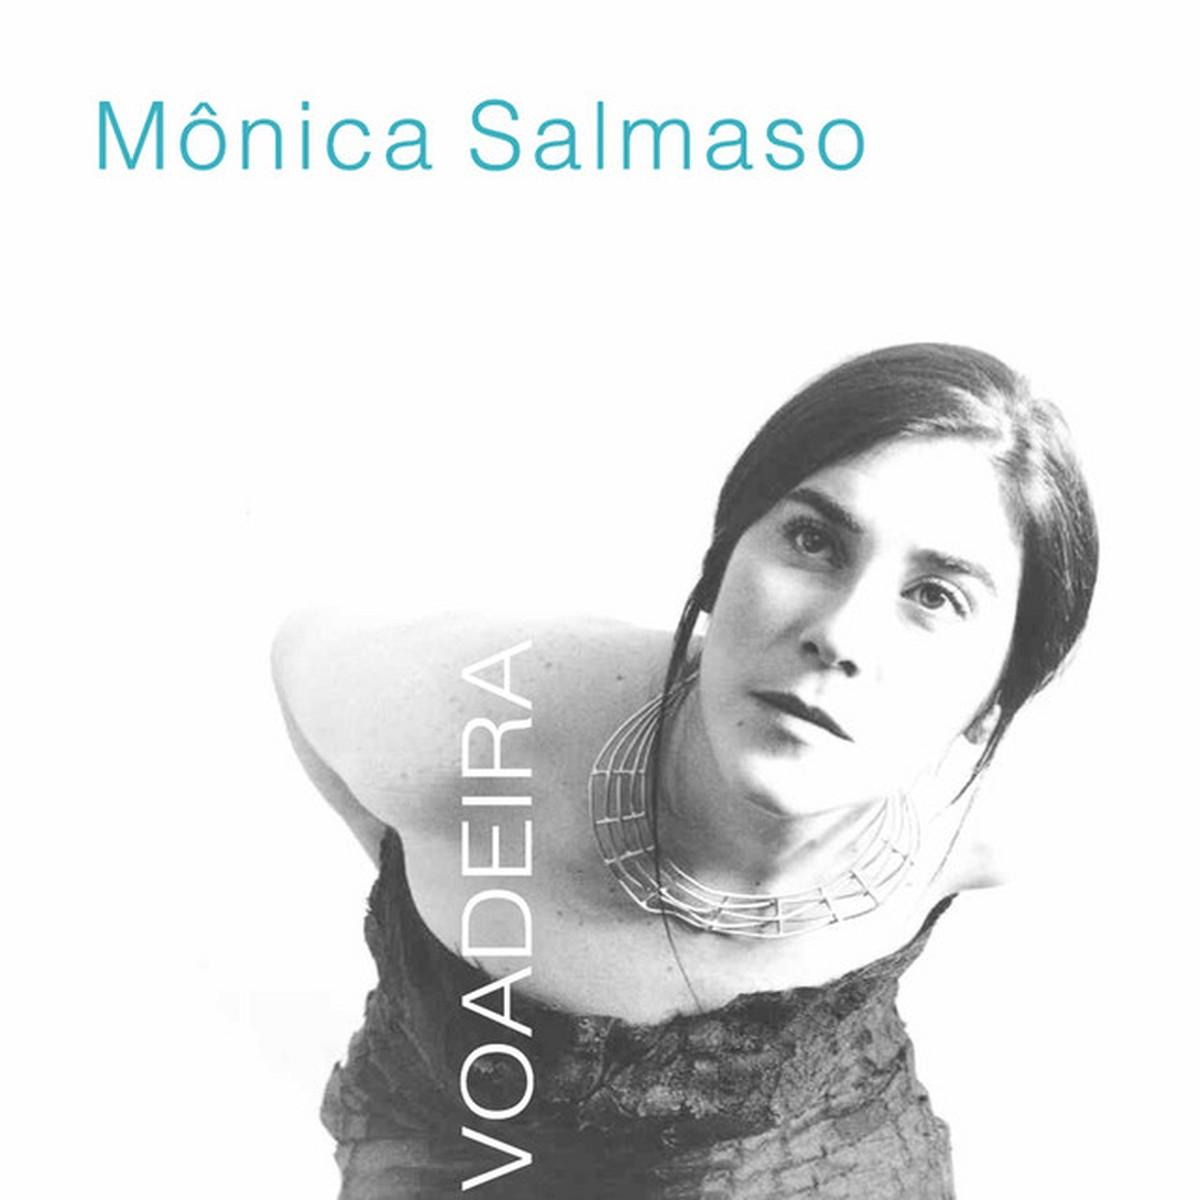 Discos para descobrir em casa – 'Voadeira', Mônica Salmaso, 1999   Blog do Mauro Ferreira